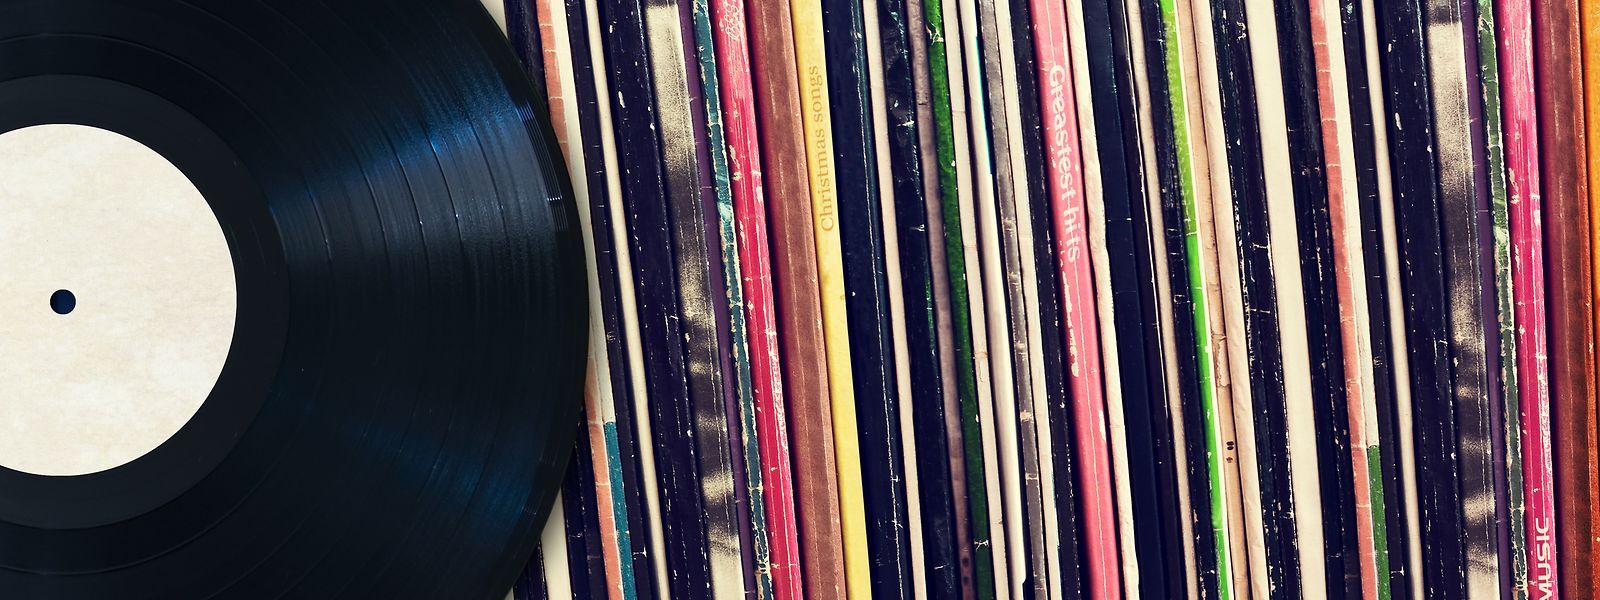 Während die Absatzzahlen für CDs weiter sinken, steigen die Verkaufszahlen für Schallplatten seit einigen Jahren wieder an.